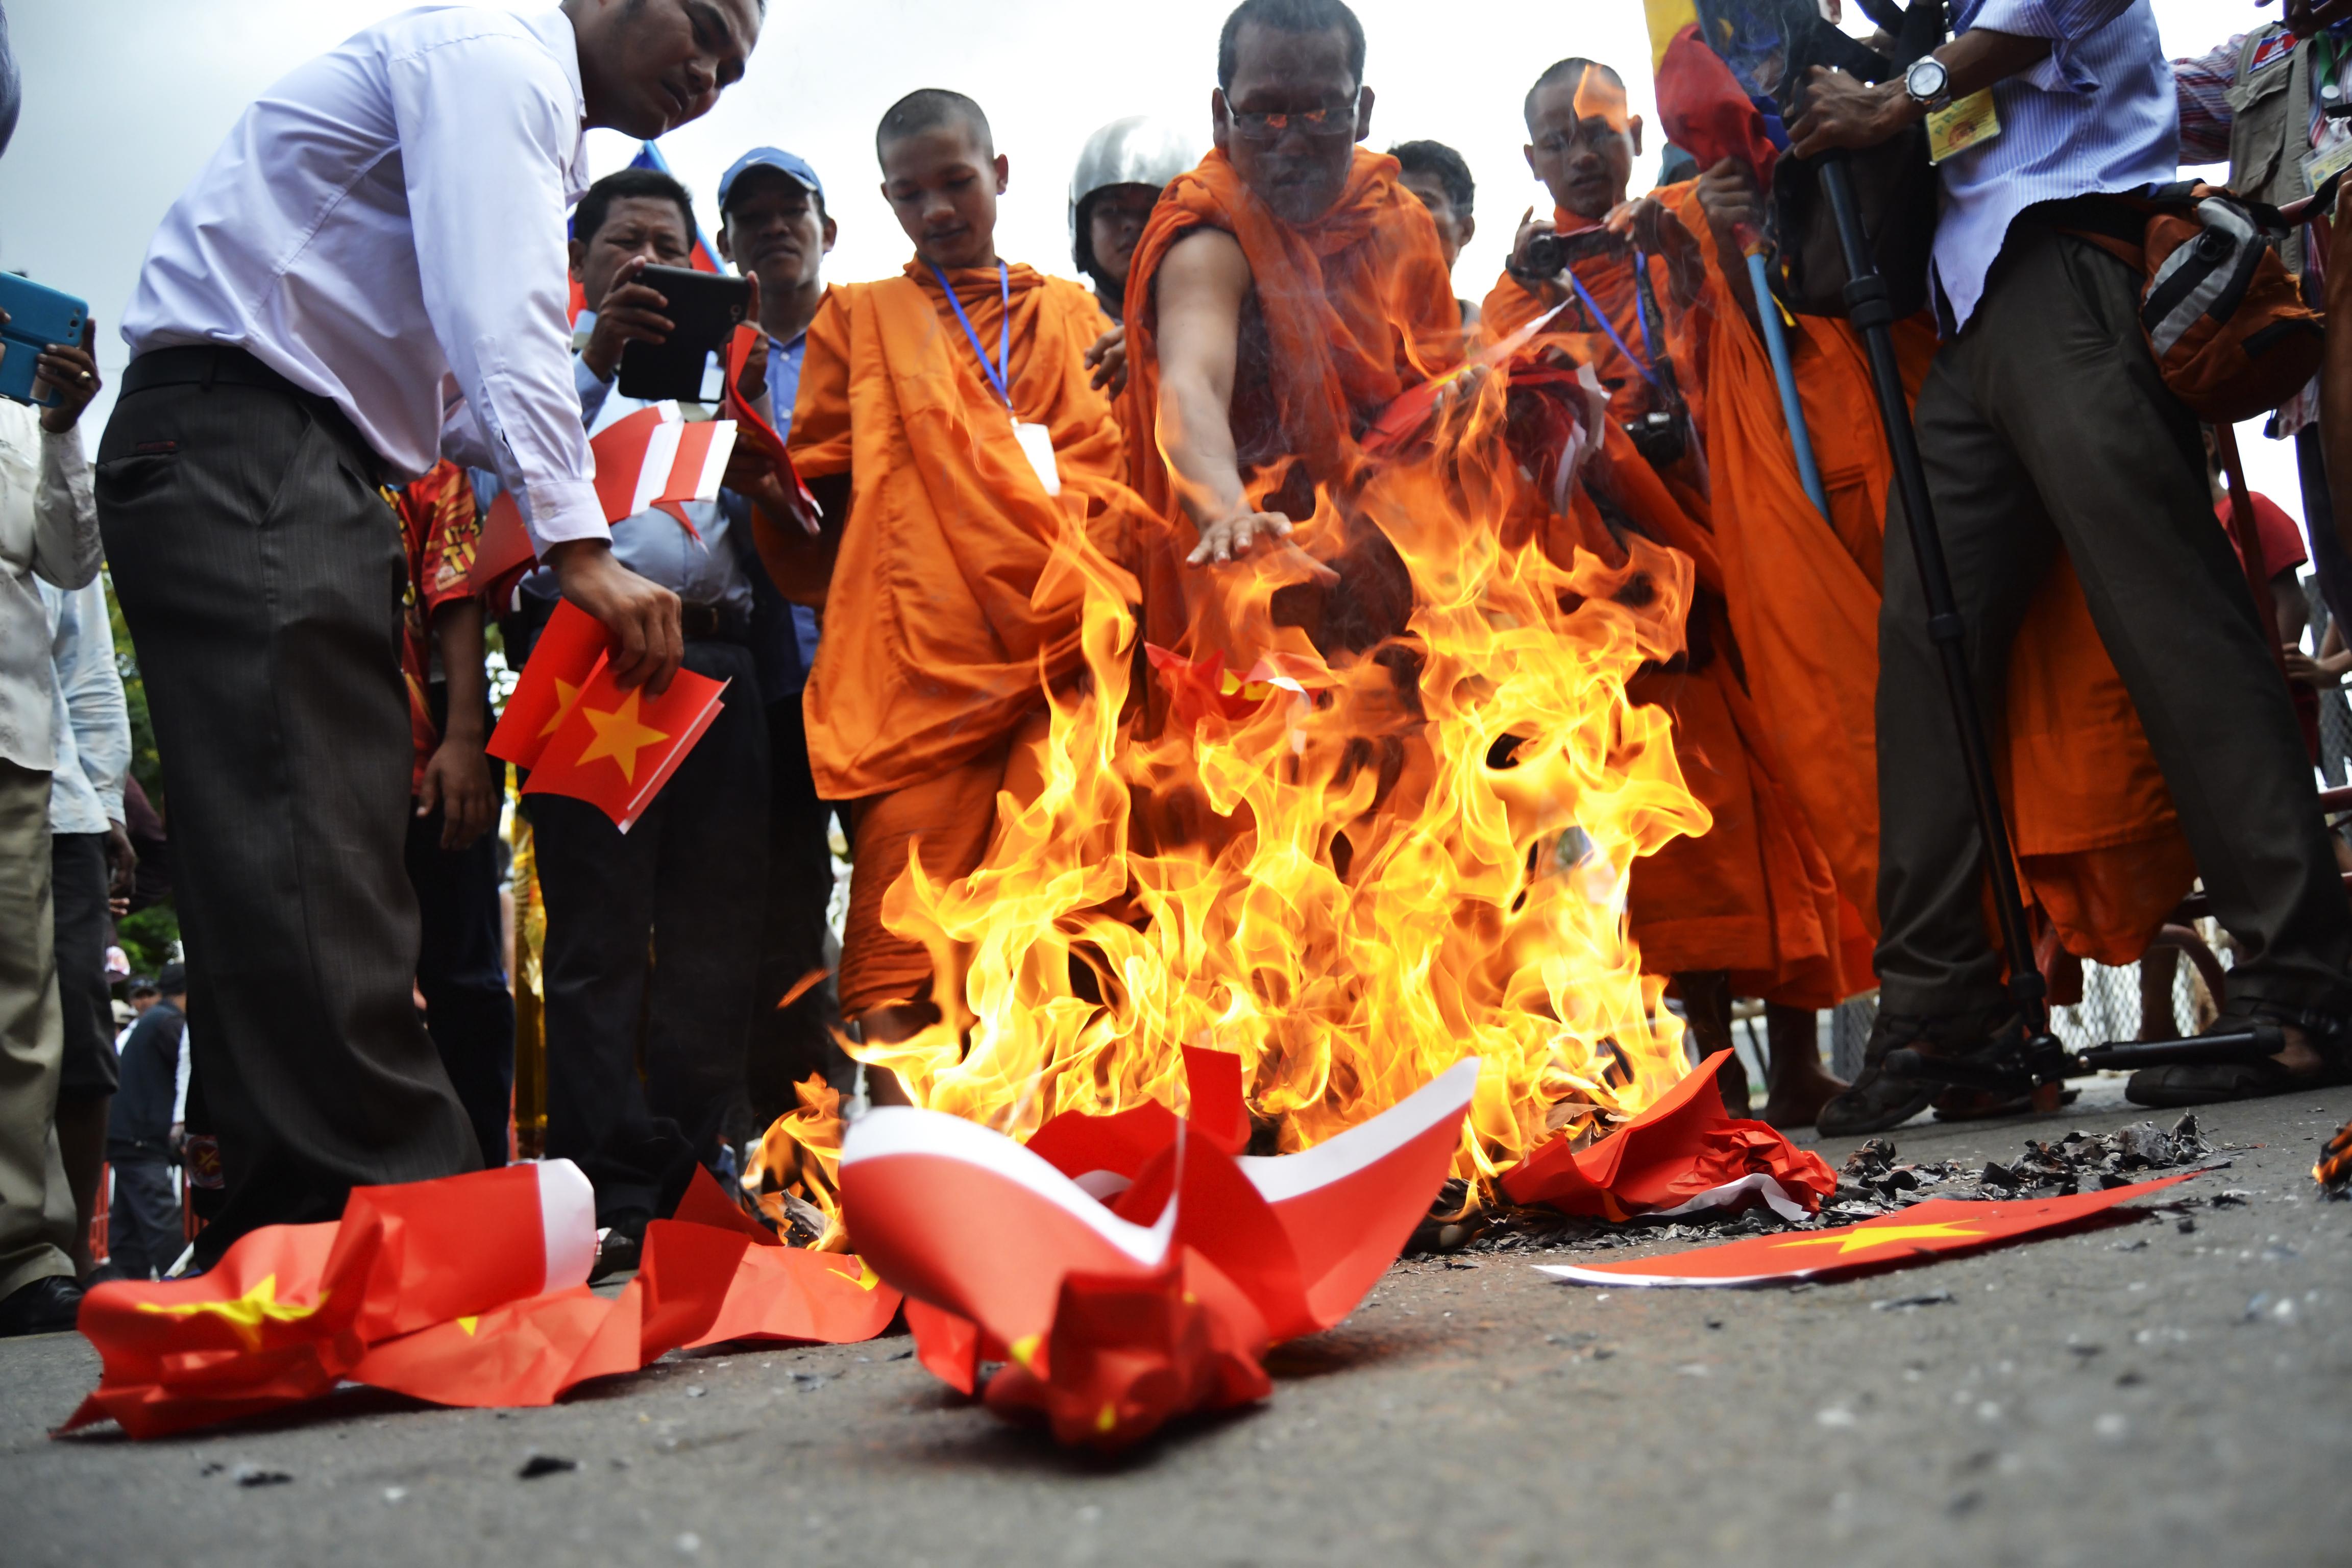 Hình ảnh đốt cờ Việt Nam đang được lưu truyền trên Facebook. Ảnh: Son Cheng Chon